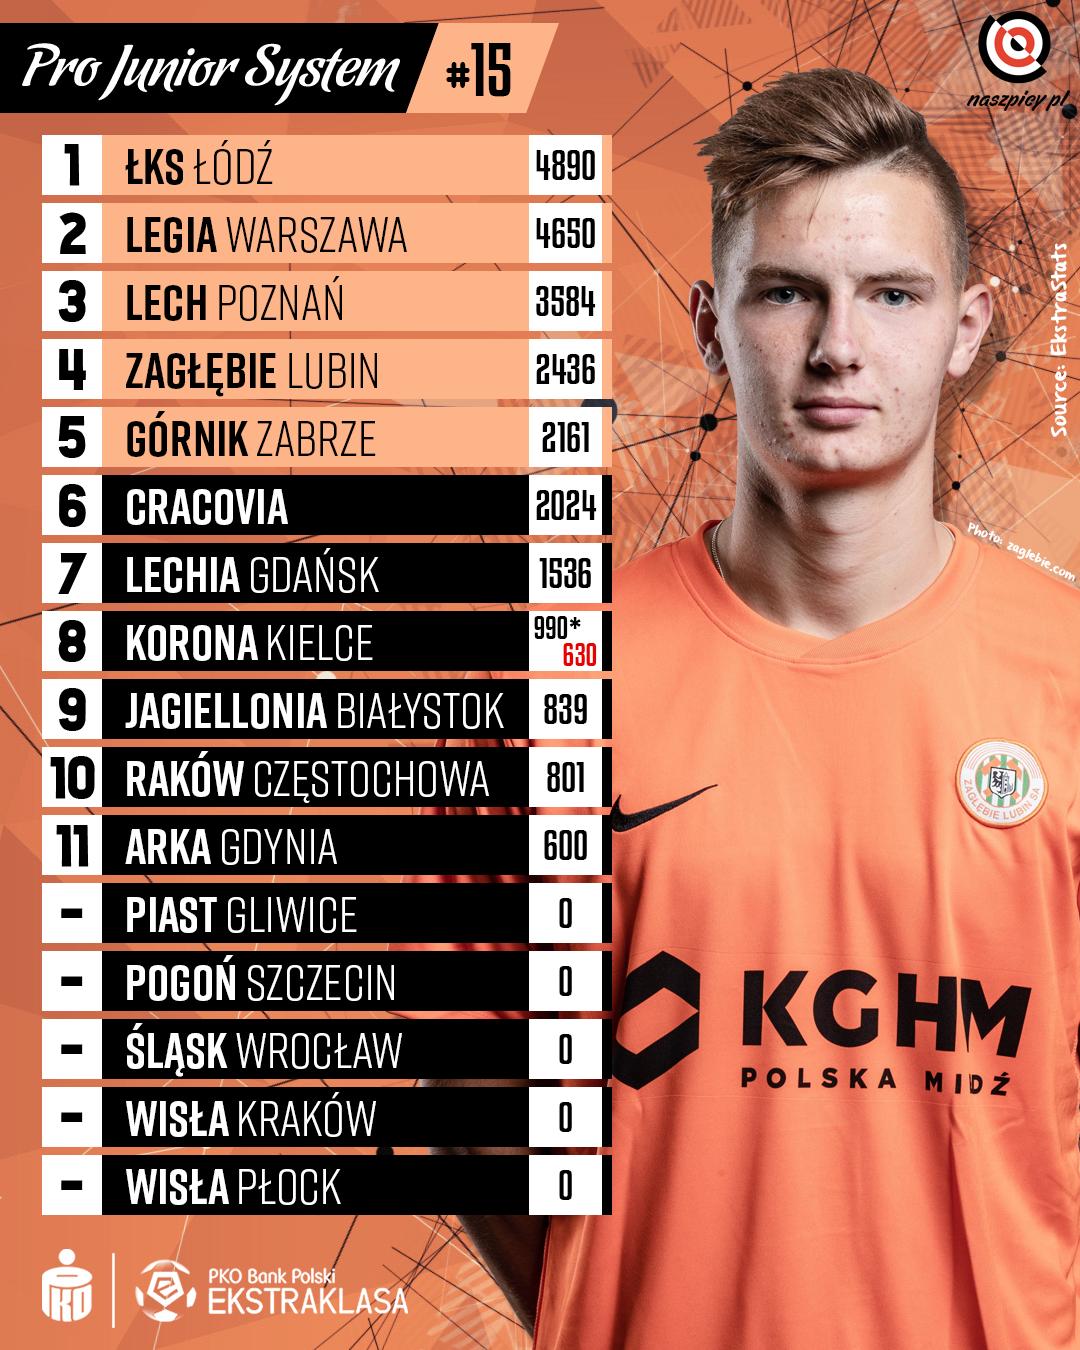 Punktacja Pro Junior System po 15. kolejce PKO Ekstraklasy<br><br>Źródło: Opracowanie własne na podstawie ekstrastats.pl<br><br>fot. Zagłębie Lubin / zaglebie.com<br><br>graf. Bartosz Urban